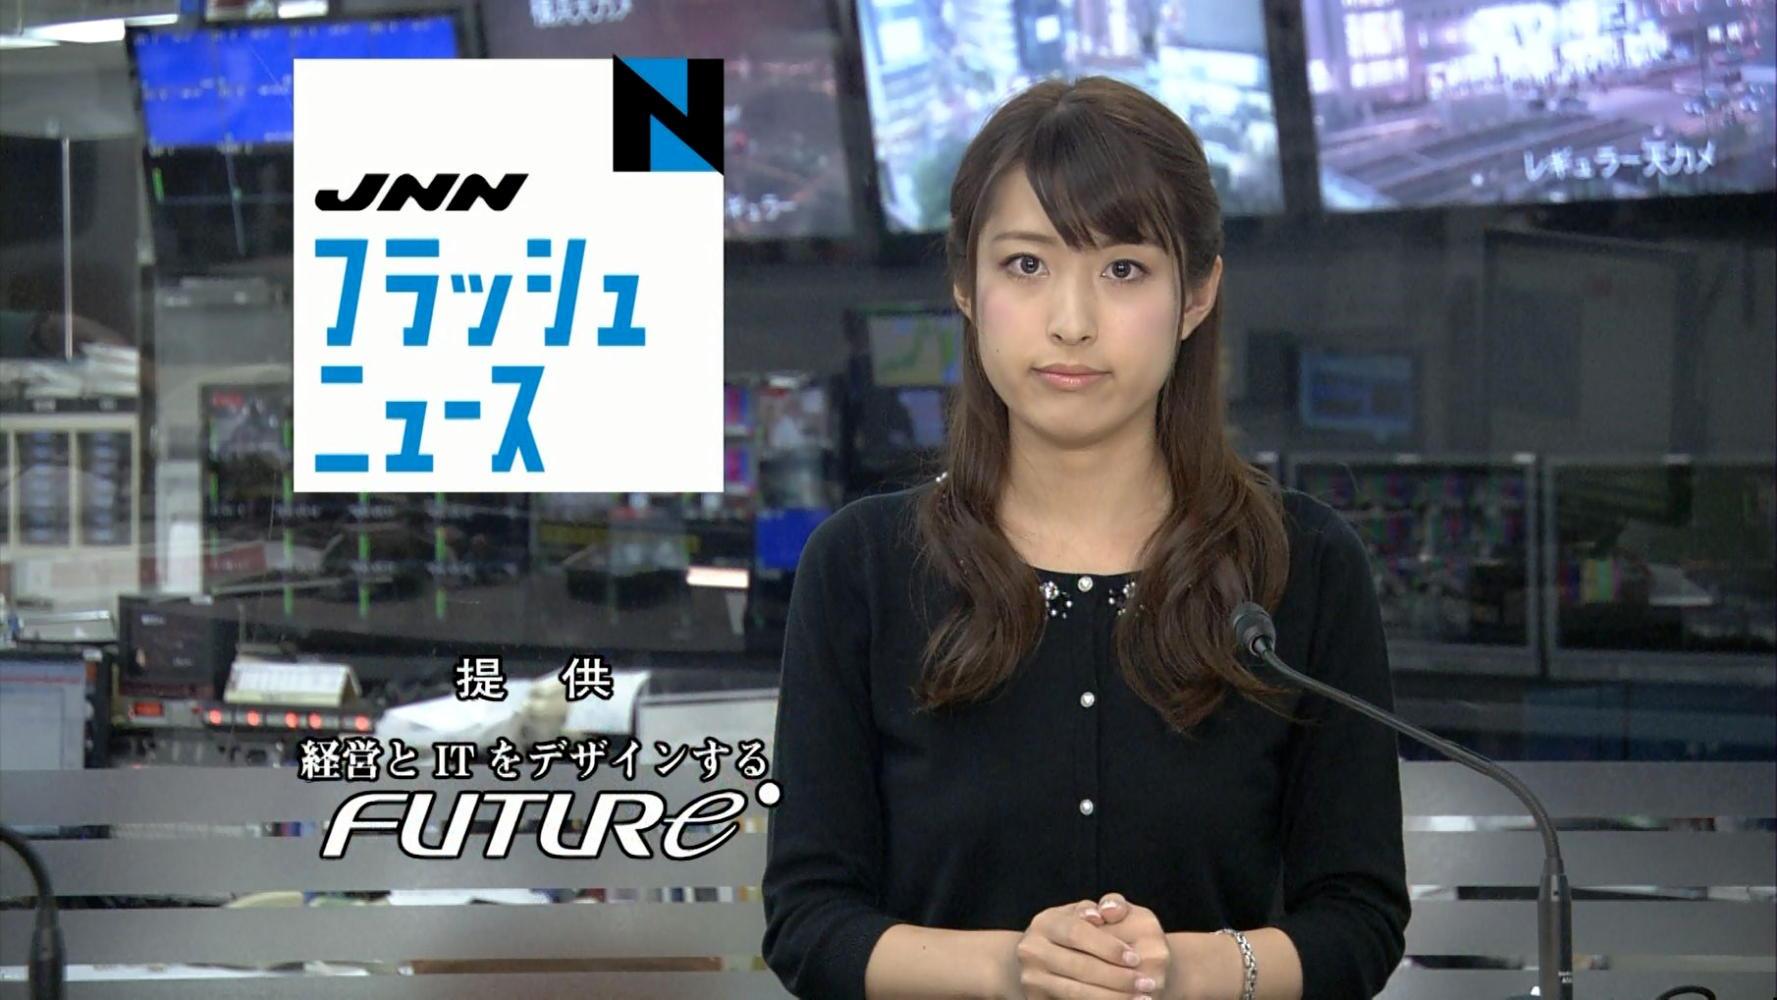 ニュース番組での佐藤渚